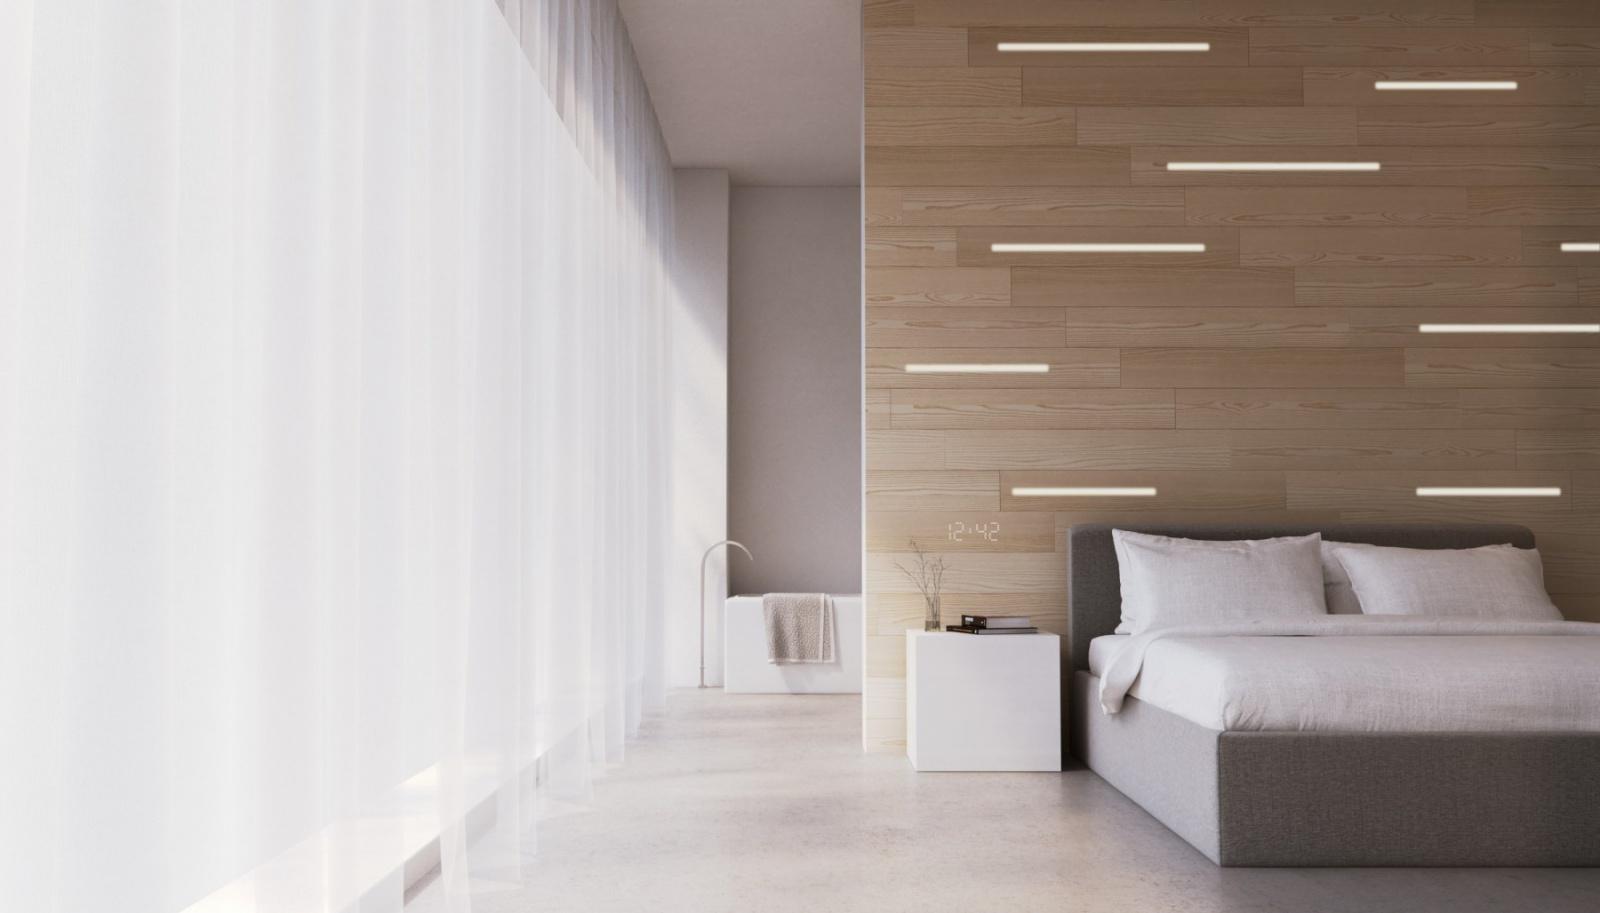 kovr-hyde-led-lighting-panel-for-interior-5